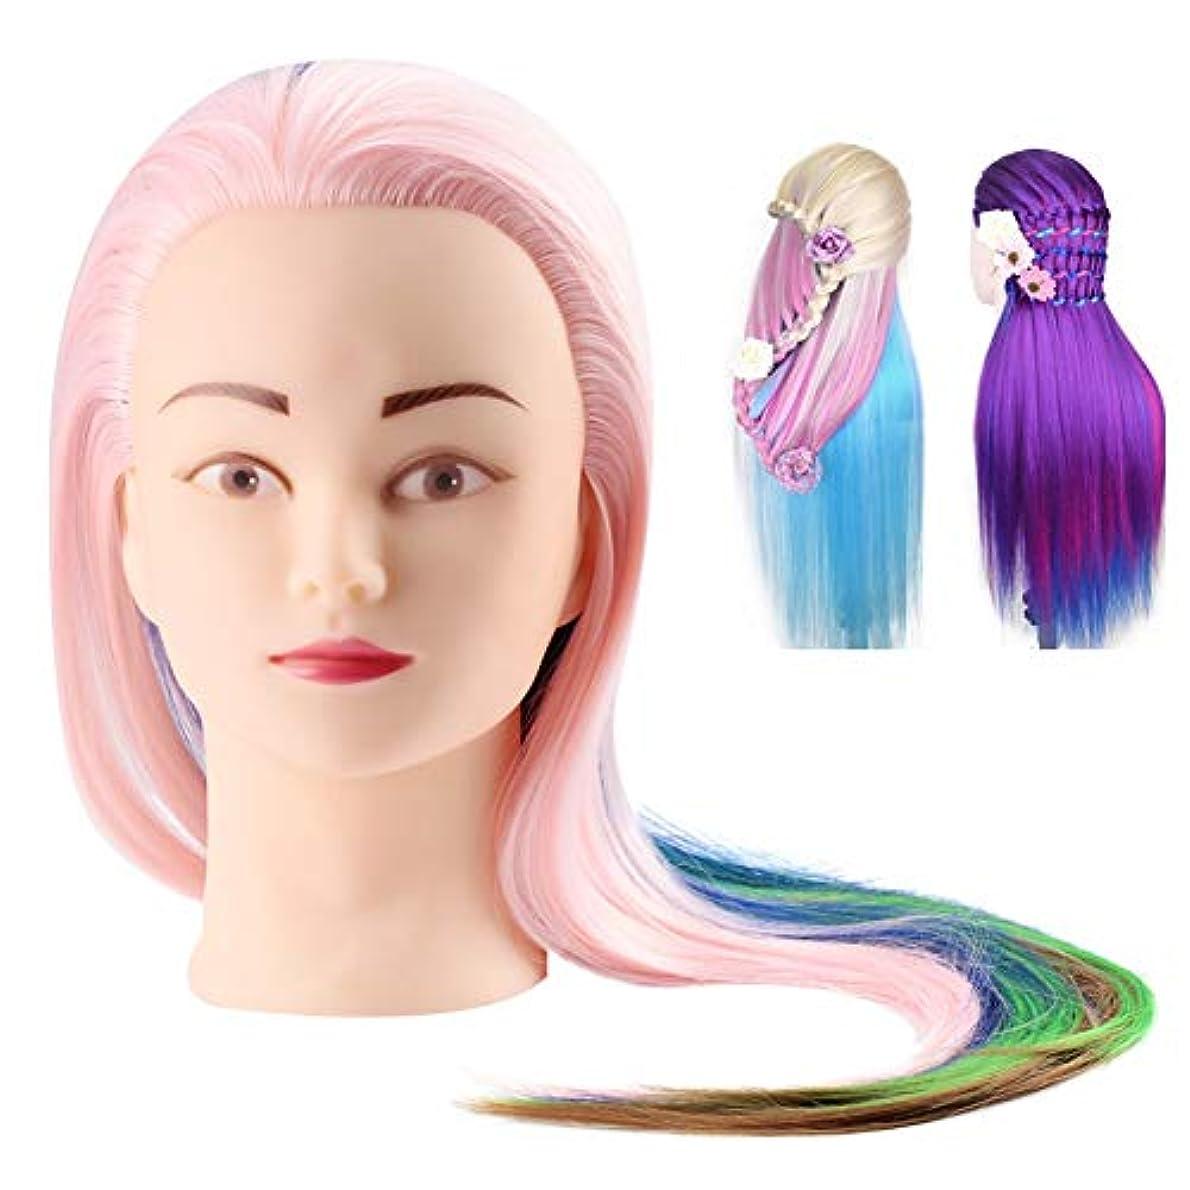 割るマラドロイト凶暴なプロの理髪ヘッド、化粧品実用的なマネキン人形人工毛、人工毛理髪トレーニングヘッドエクササイズマネキン